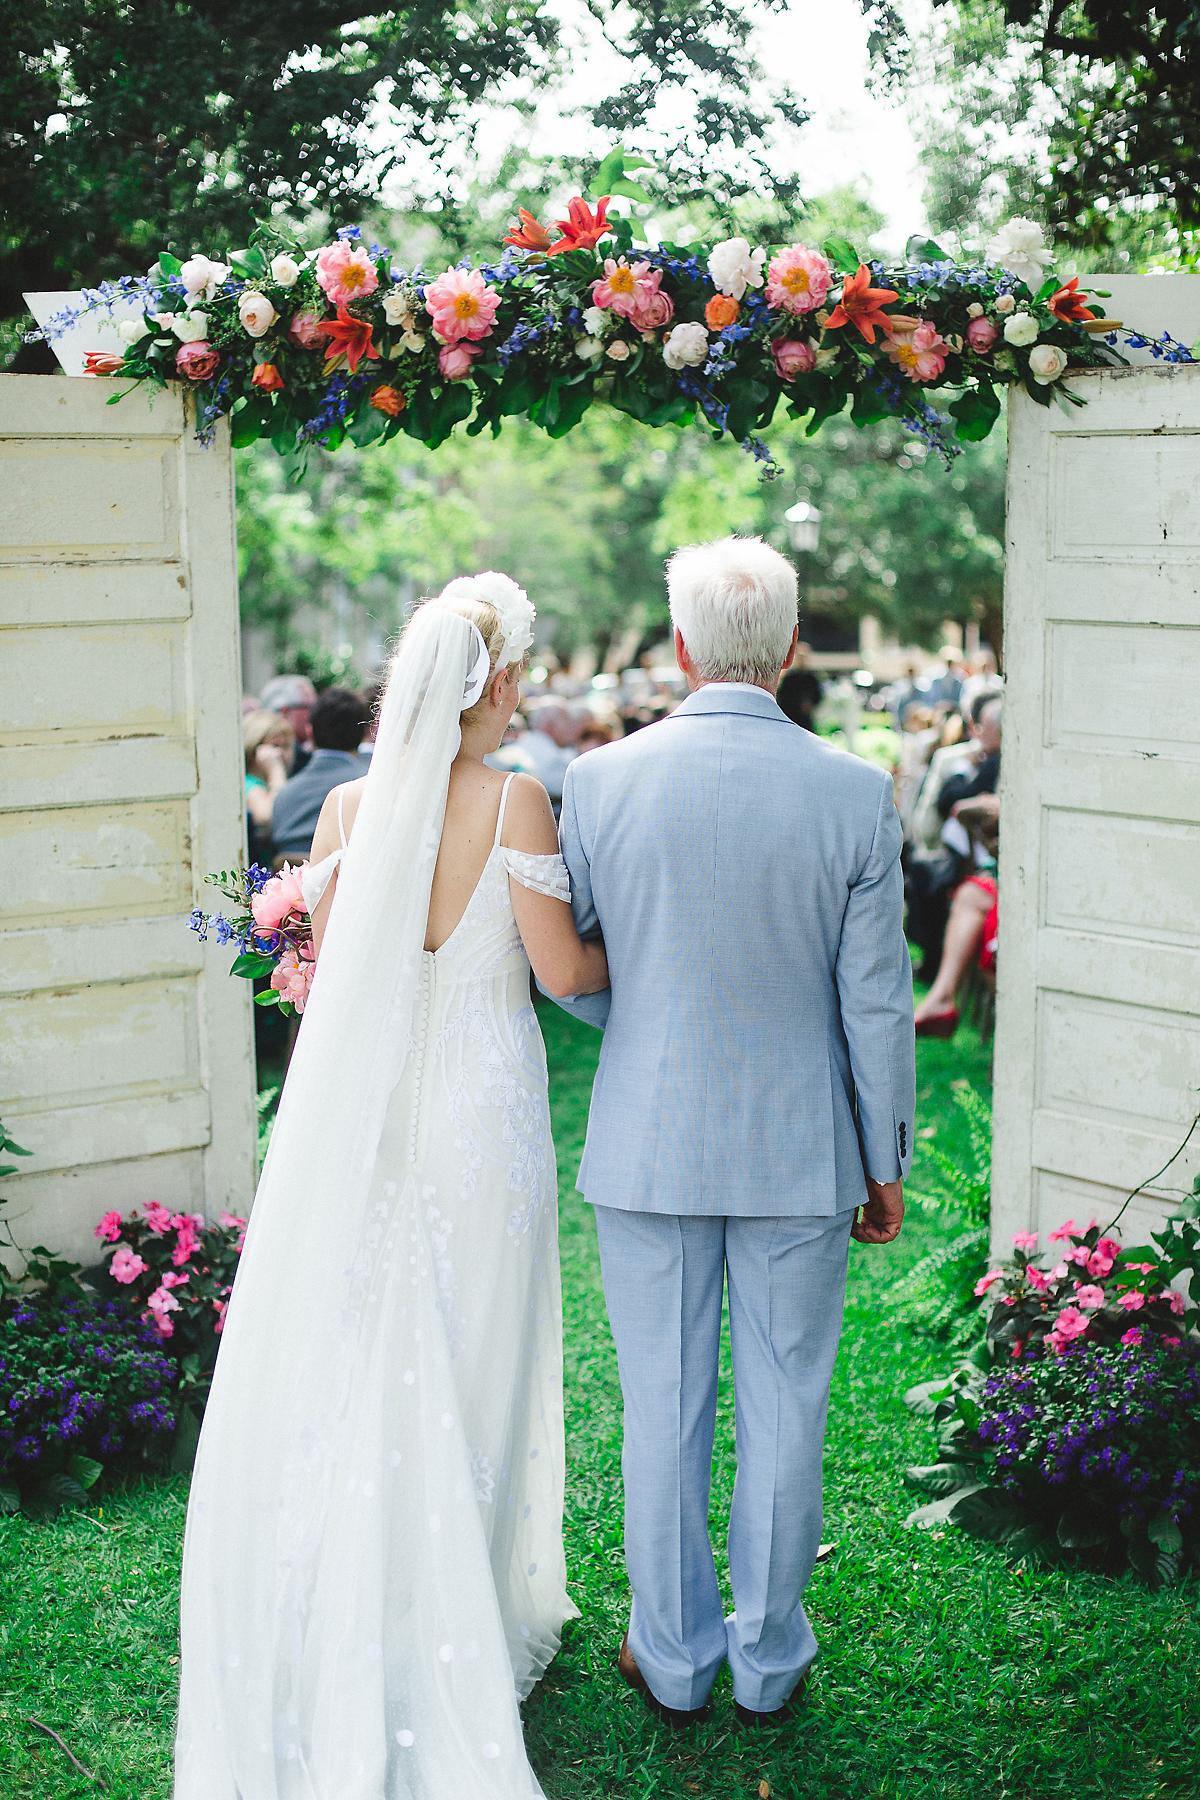 mansion-on-forsyth-park-wedding-22.jpg